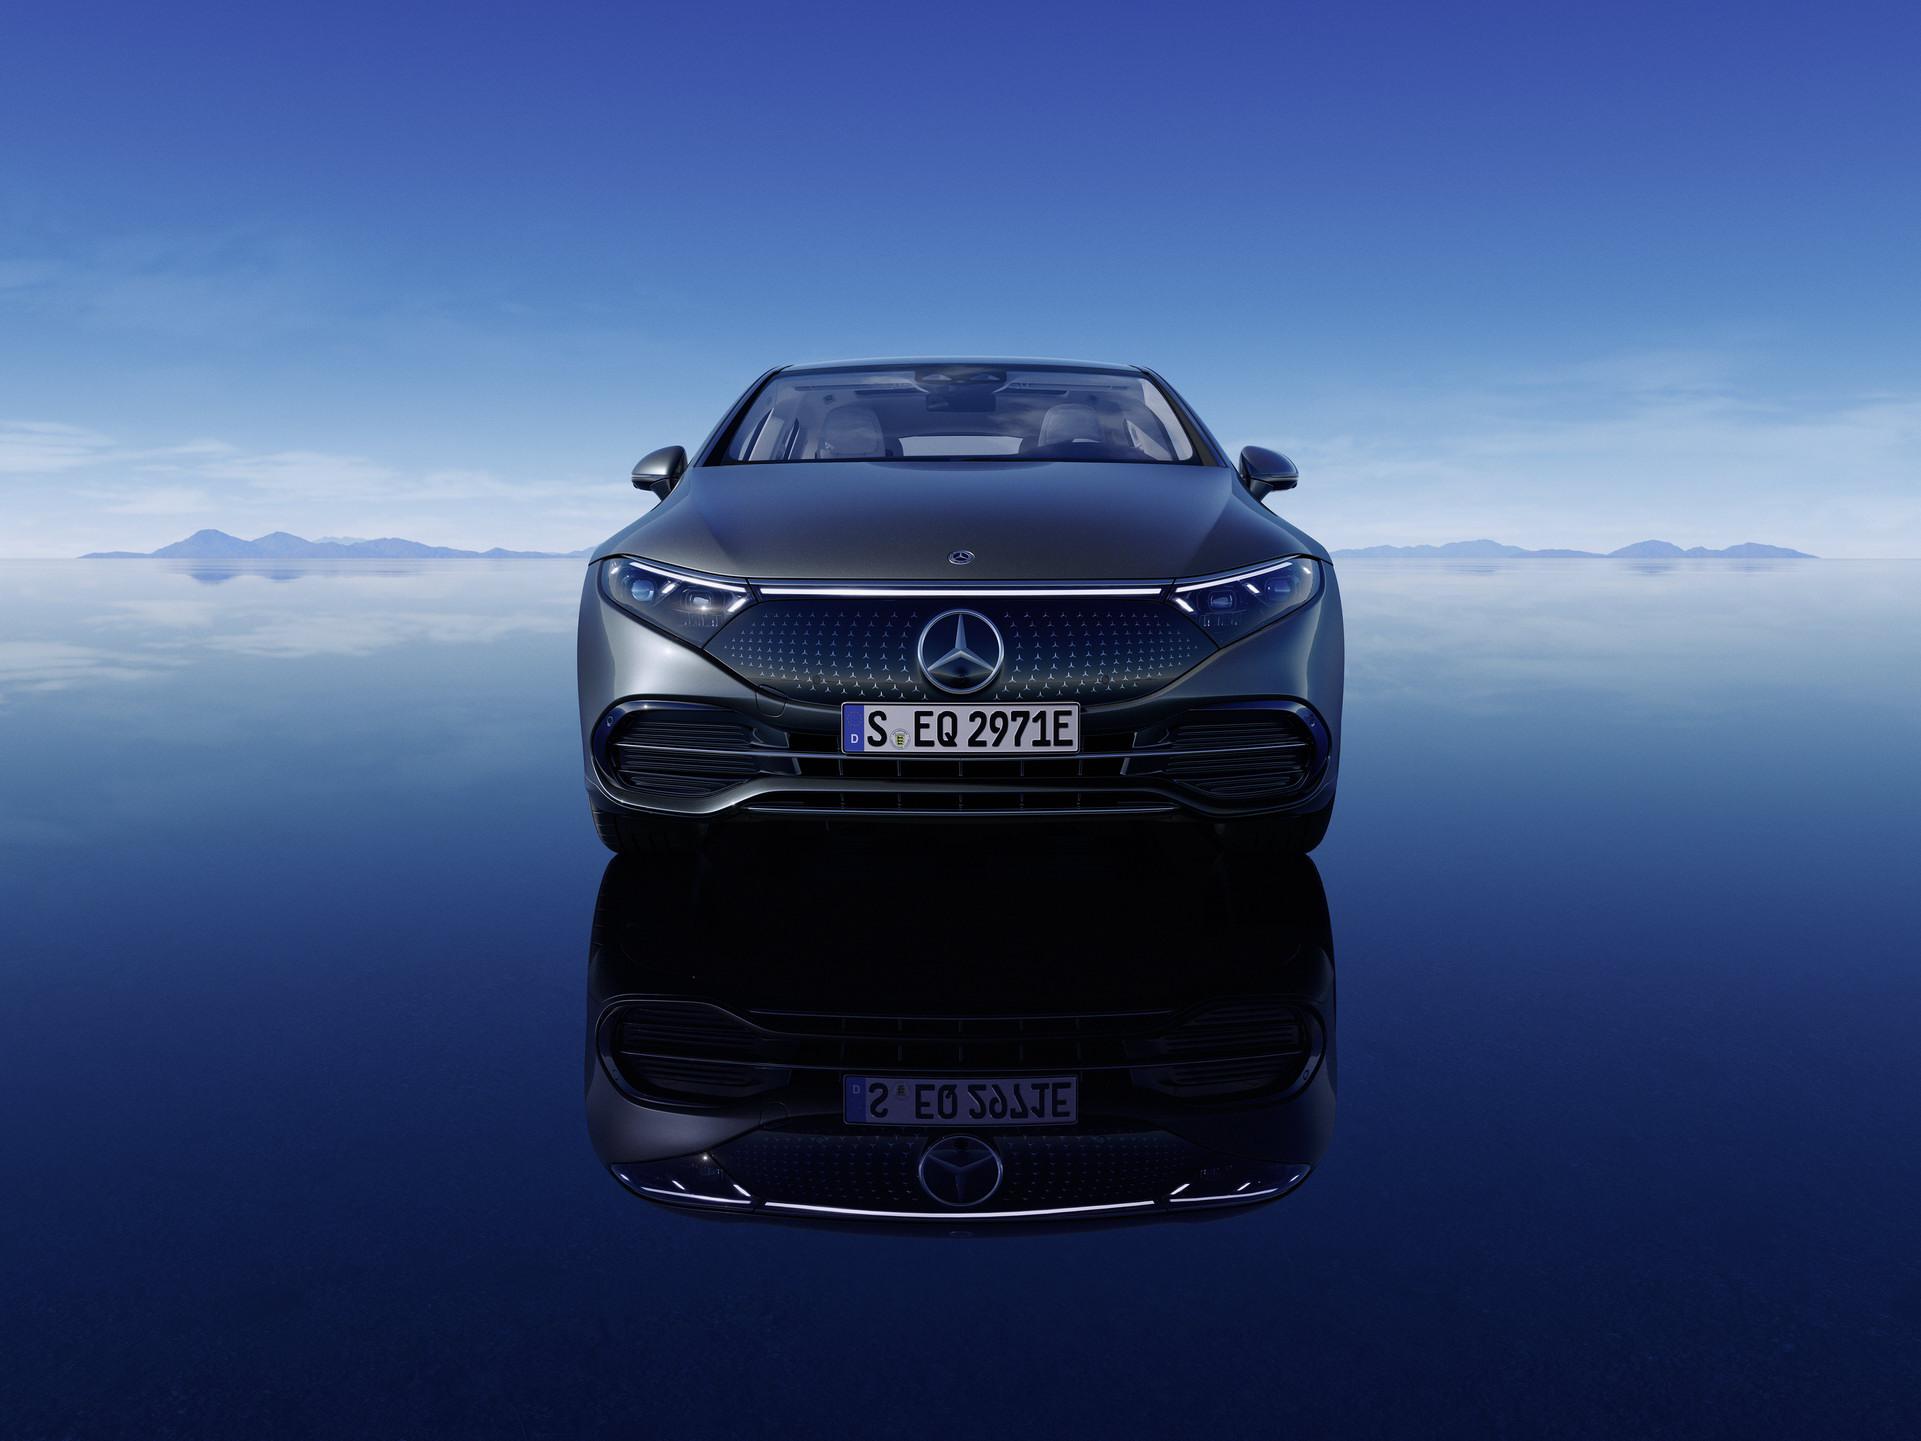 Siêu phẩm xe điện Mercedes-Benz EQS chính thức ra mắt: Tầm hoạt động 770 km, hiện đại như robot - Ảnh 9.